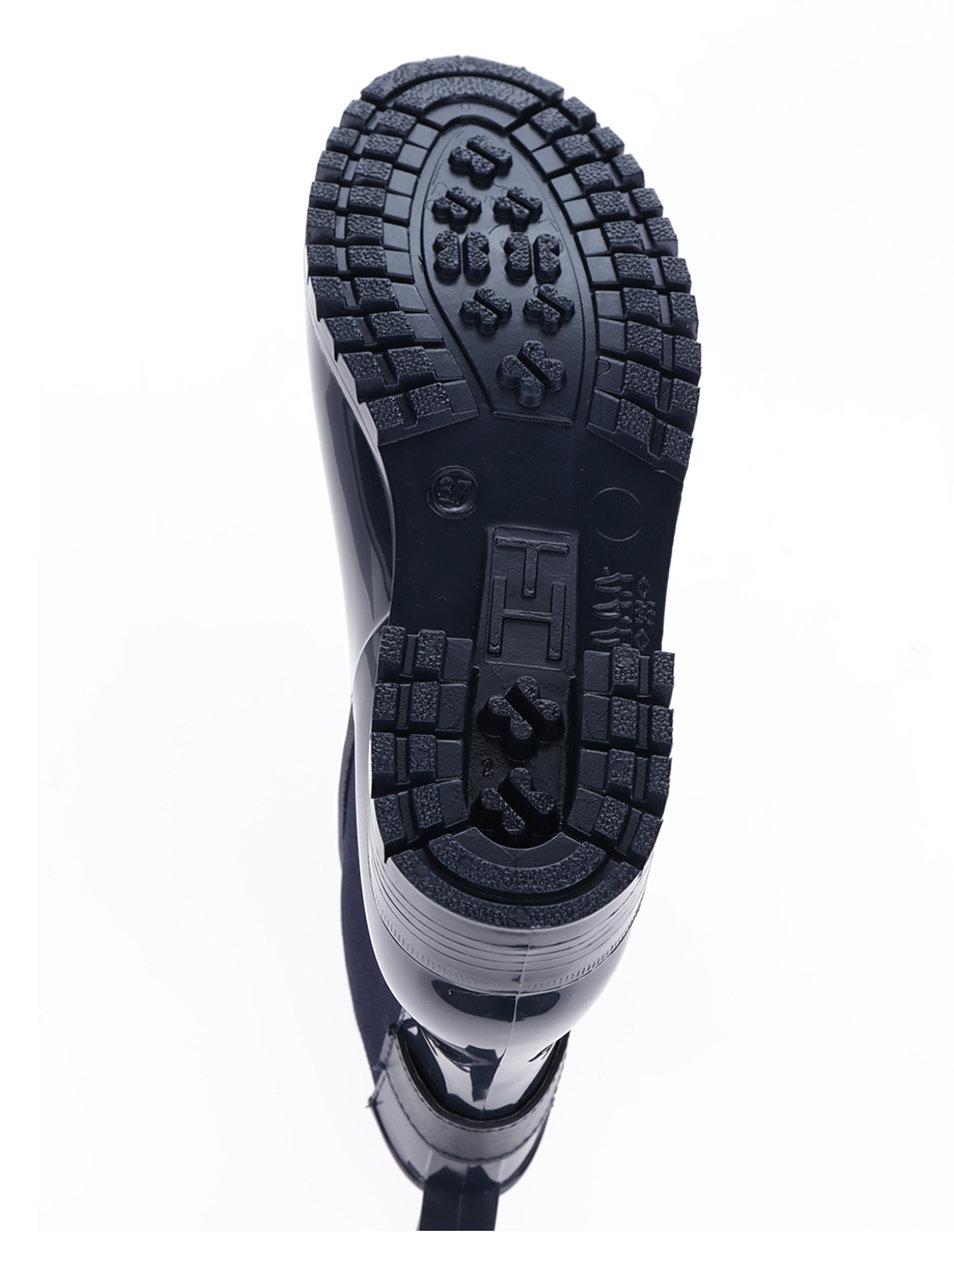 50c87a439a9 ... Tmavě modré dámské gumové chelsea boty s detaily ve zlaté barvě Tommy  Hilfiger Oxley